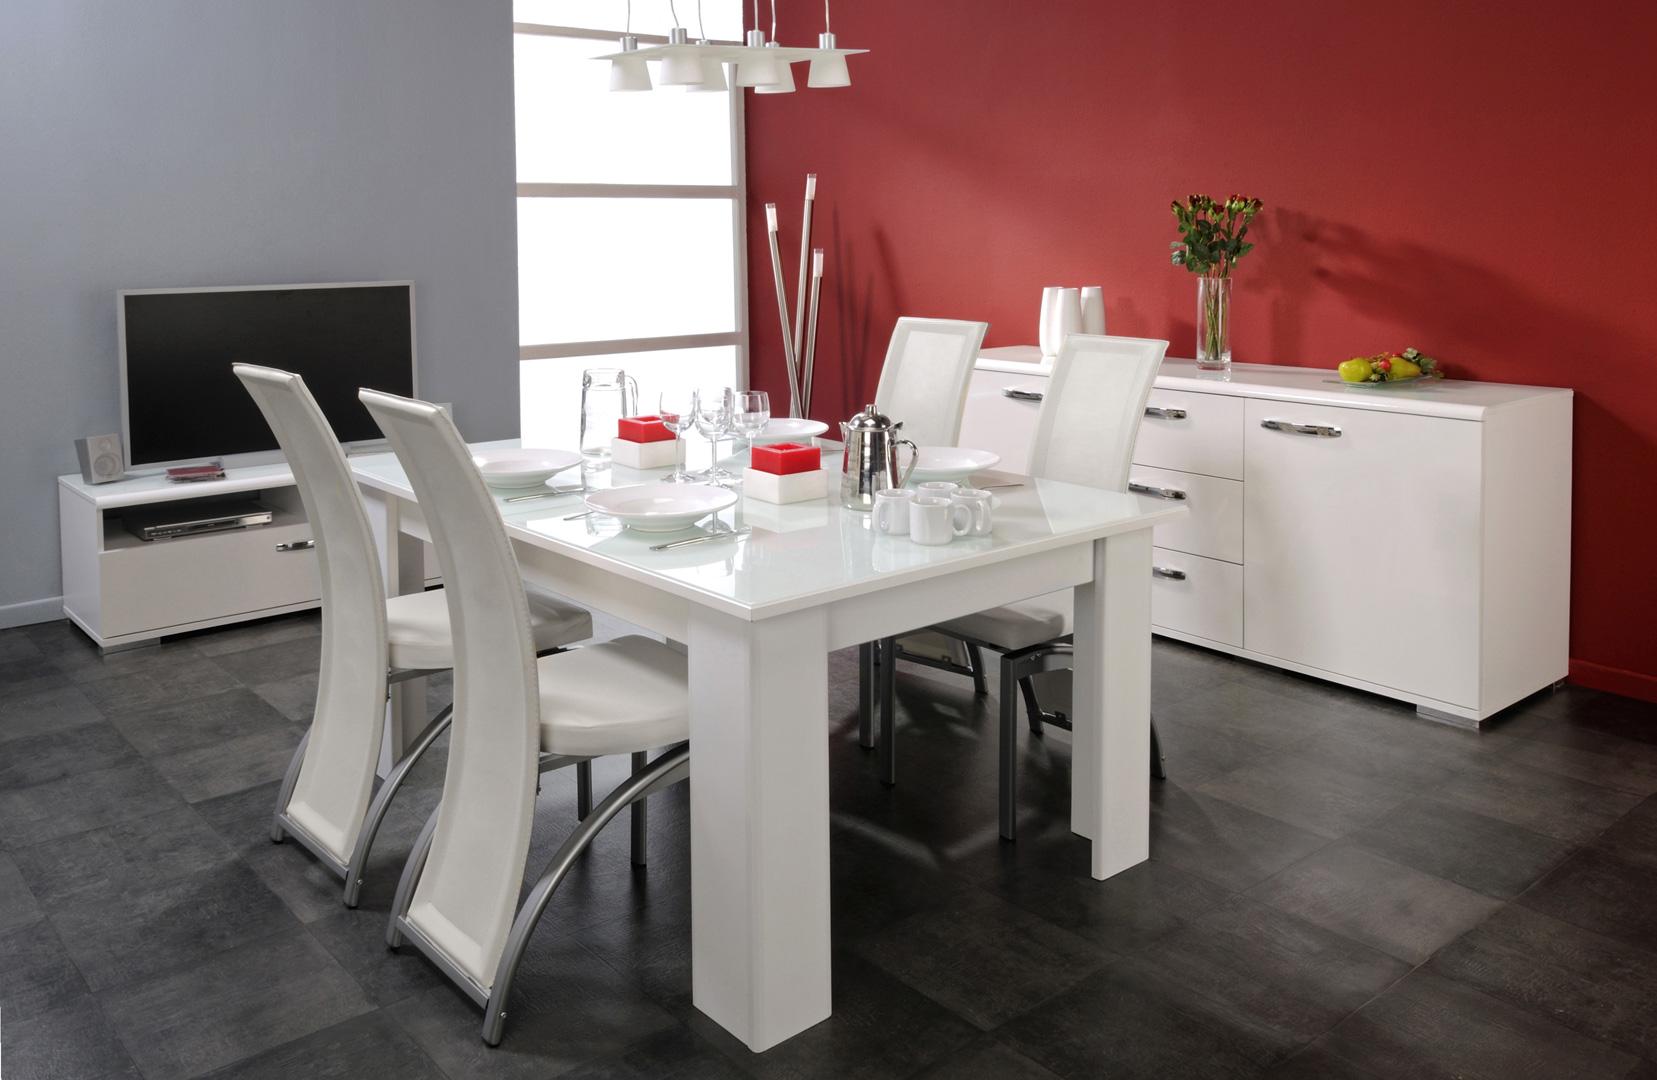 chaises de salle manger icy 2 lot de 4. Black Bedroom Furniture Sets. Home Design Ideas